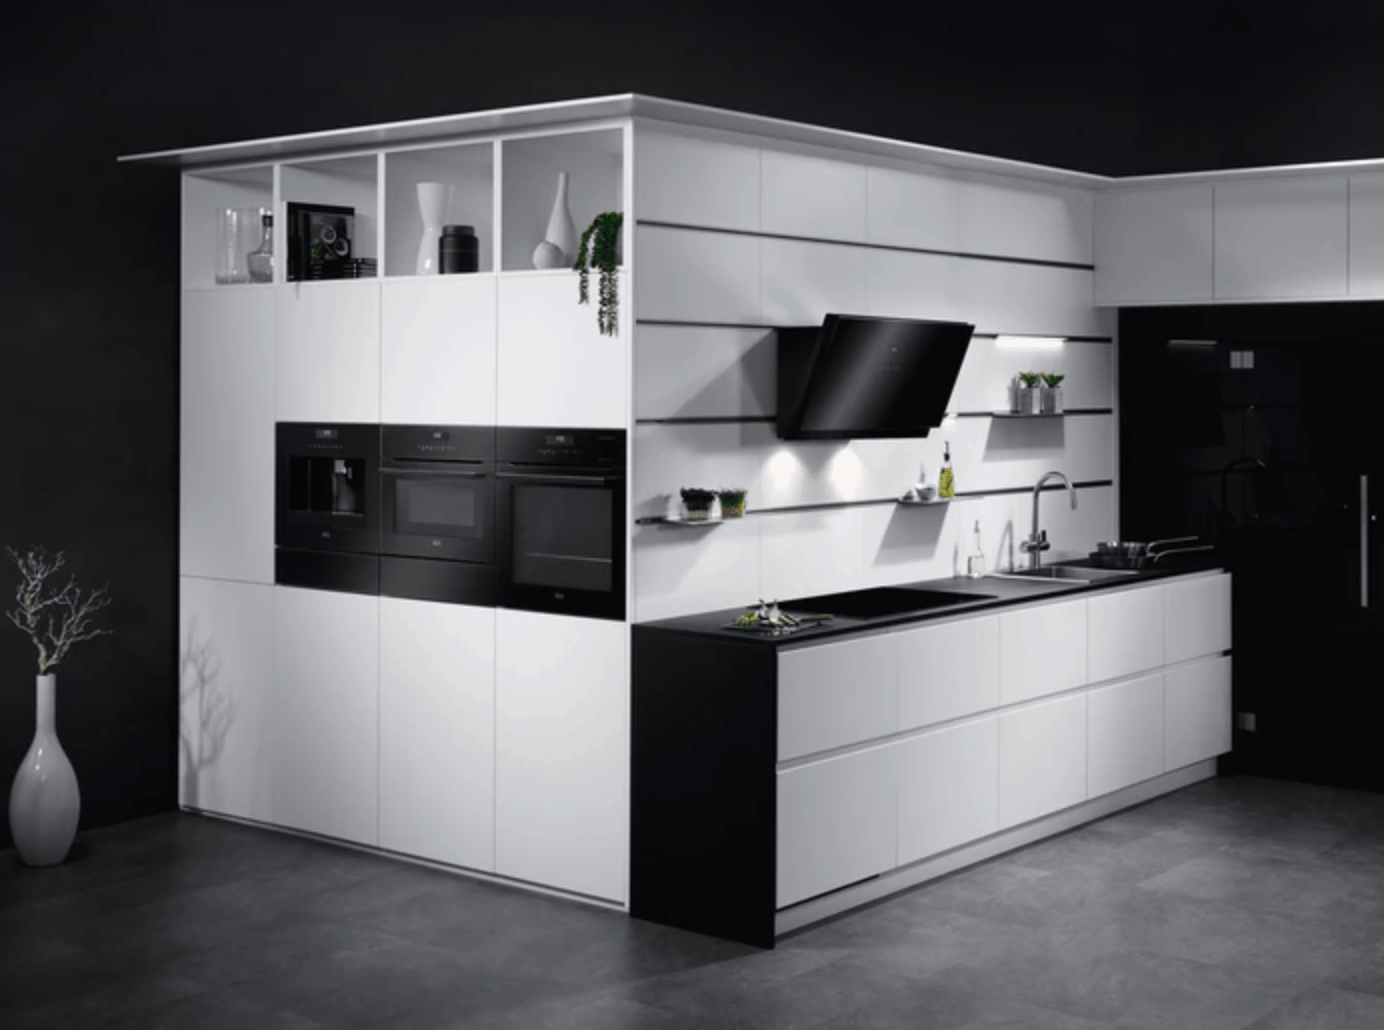 moderne keuken voorbeeld